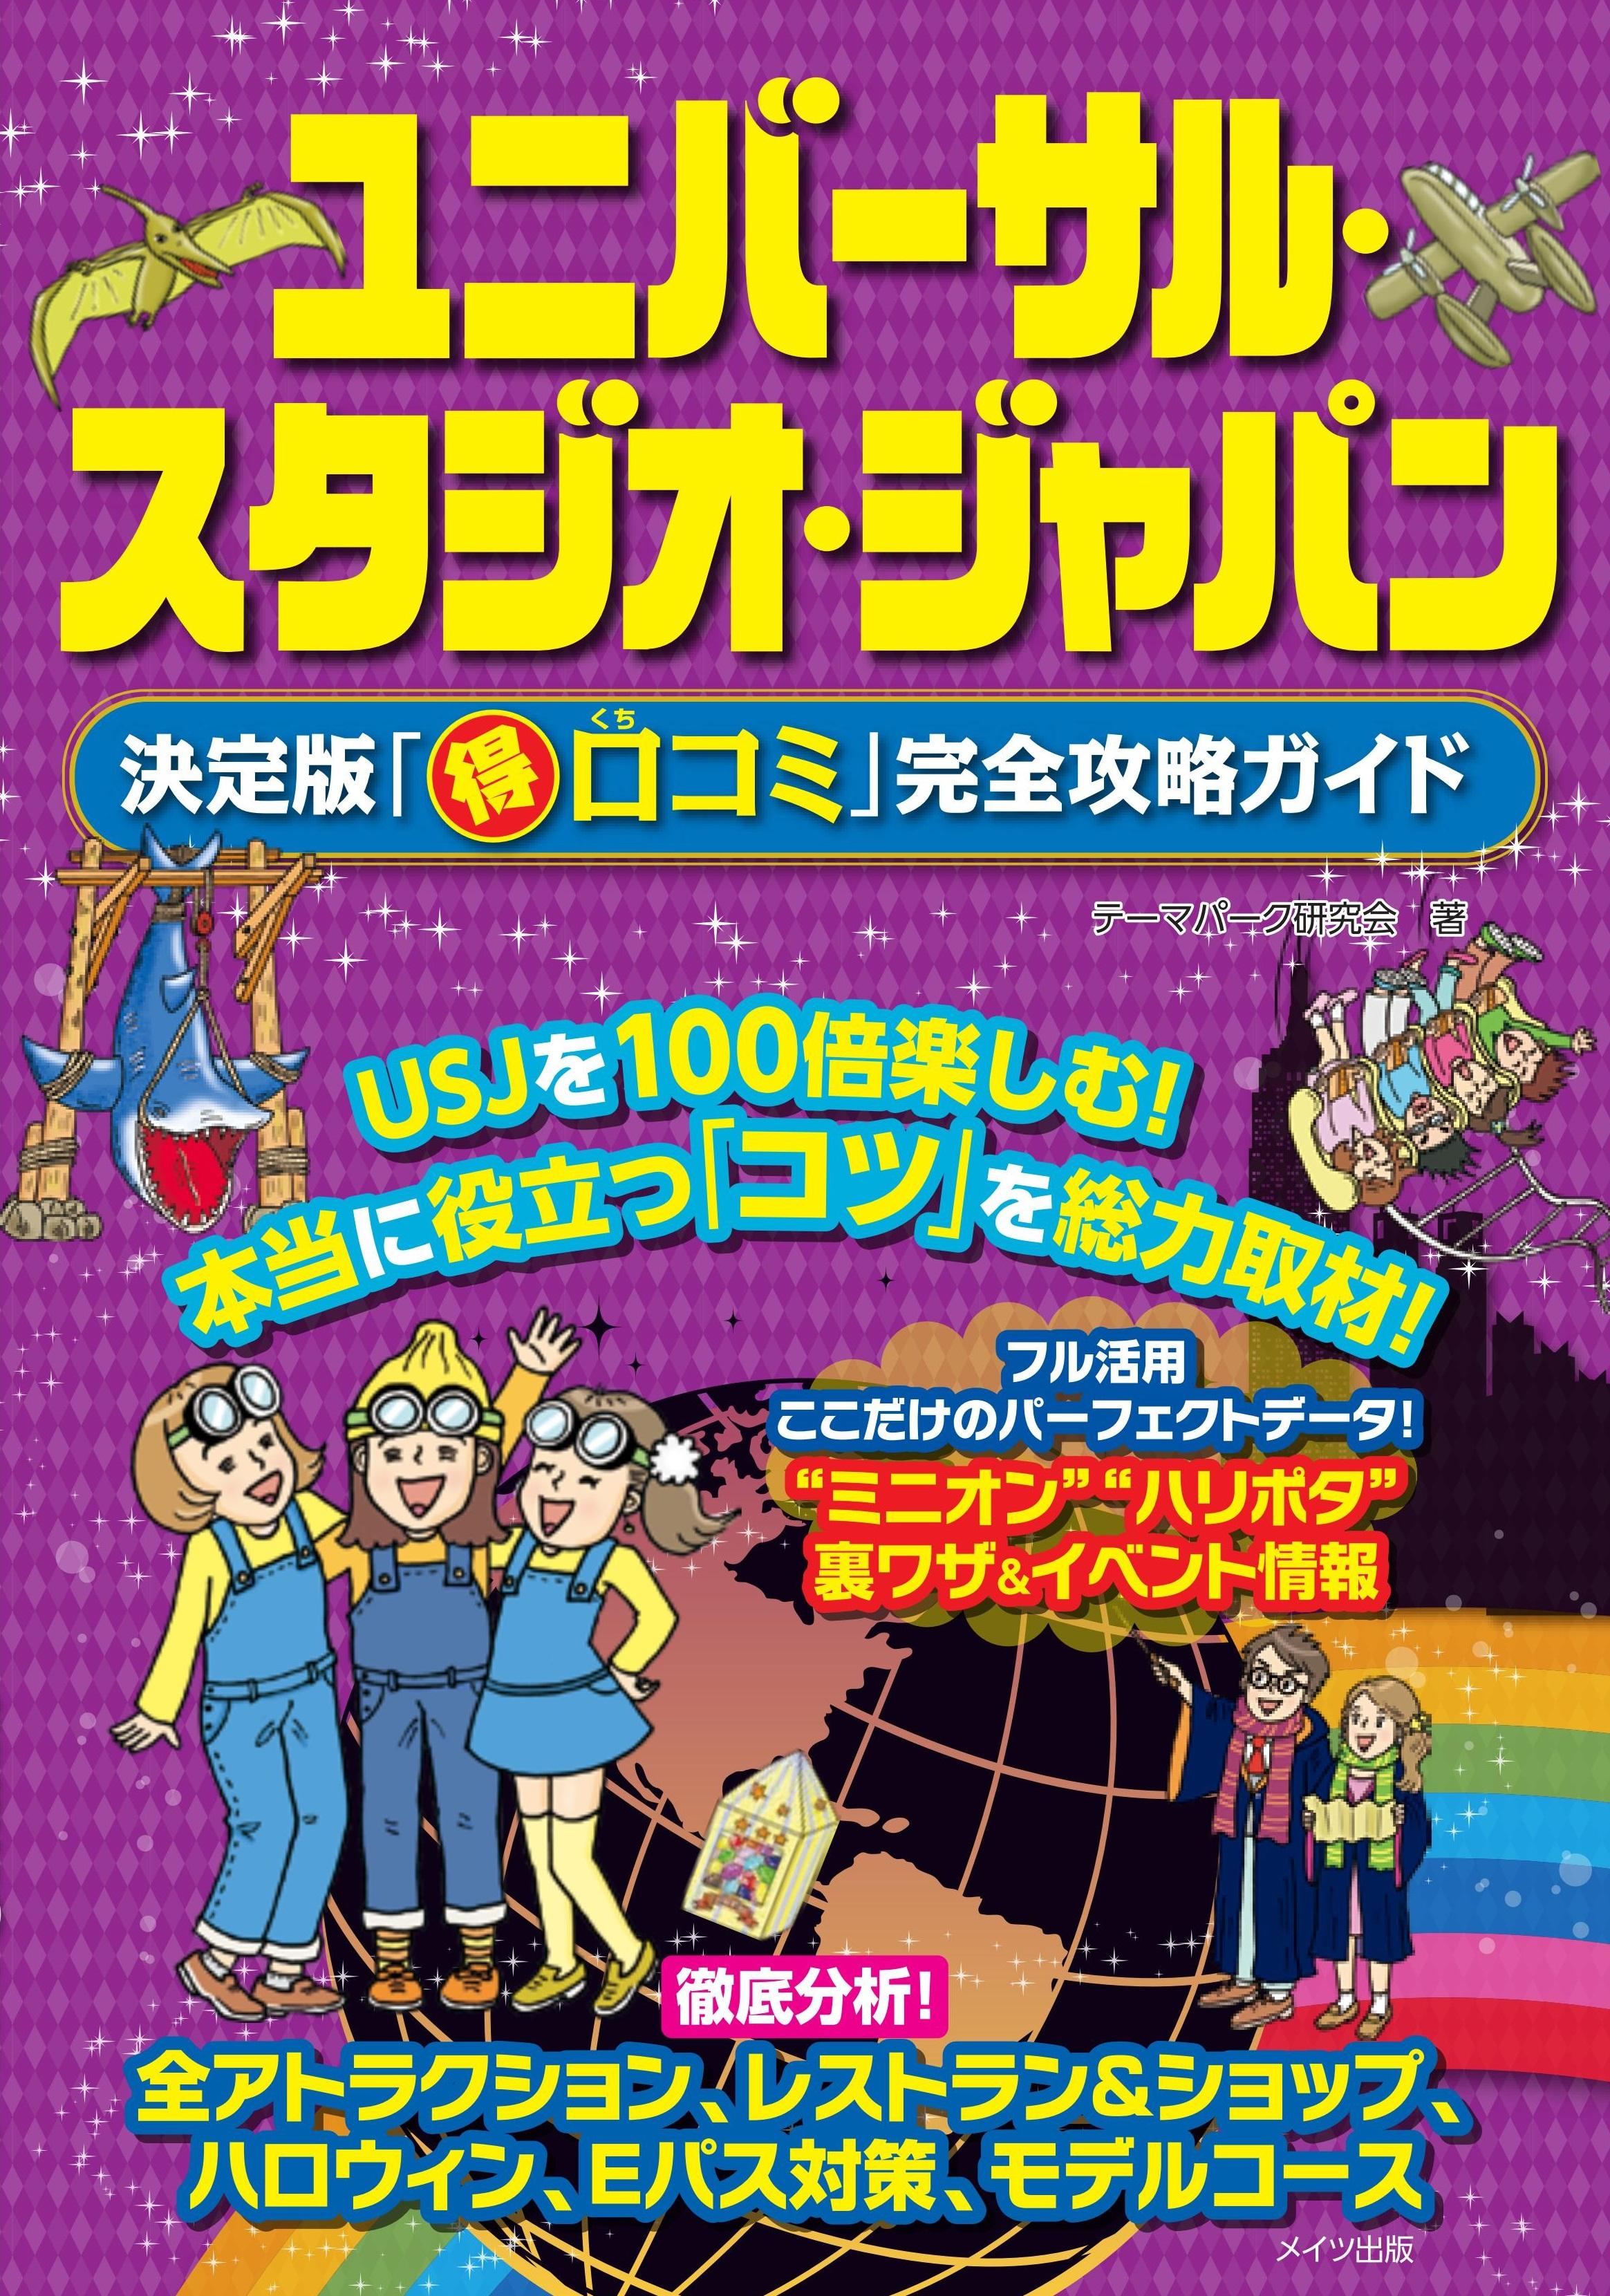 ユニバーサル・スタジオ・ジャパン 〇得口コミ「完全攻略」マニュアル